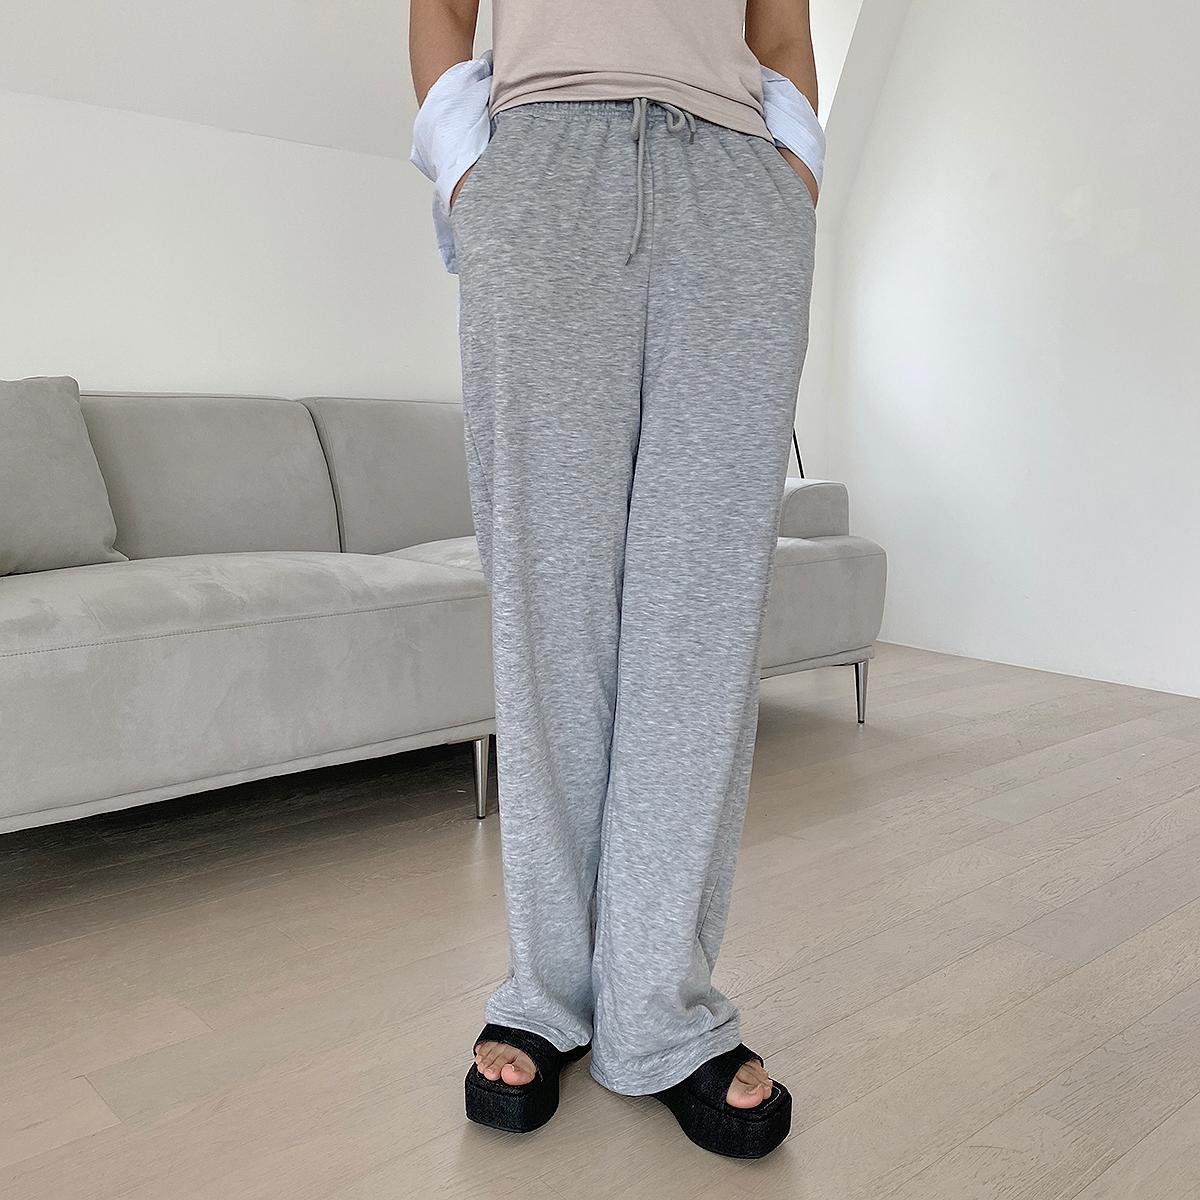 Hilton Long Training Pants